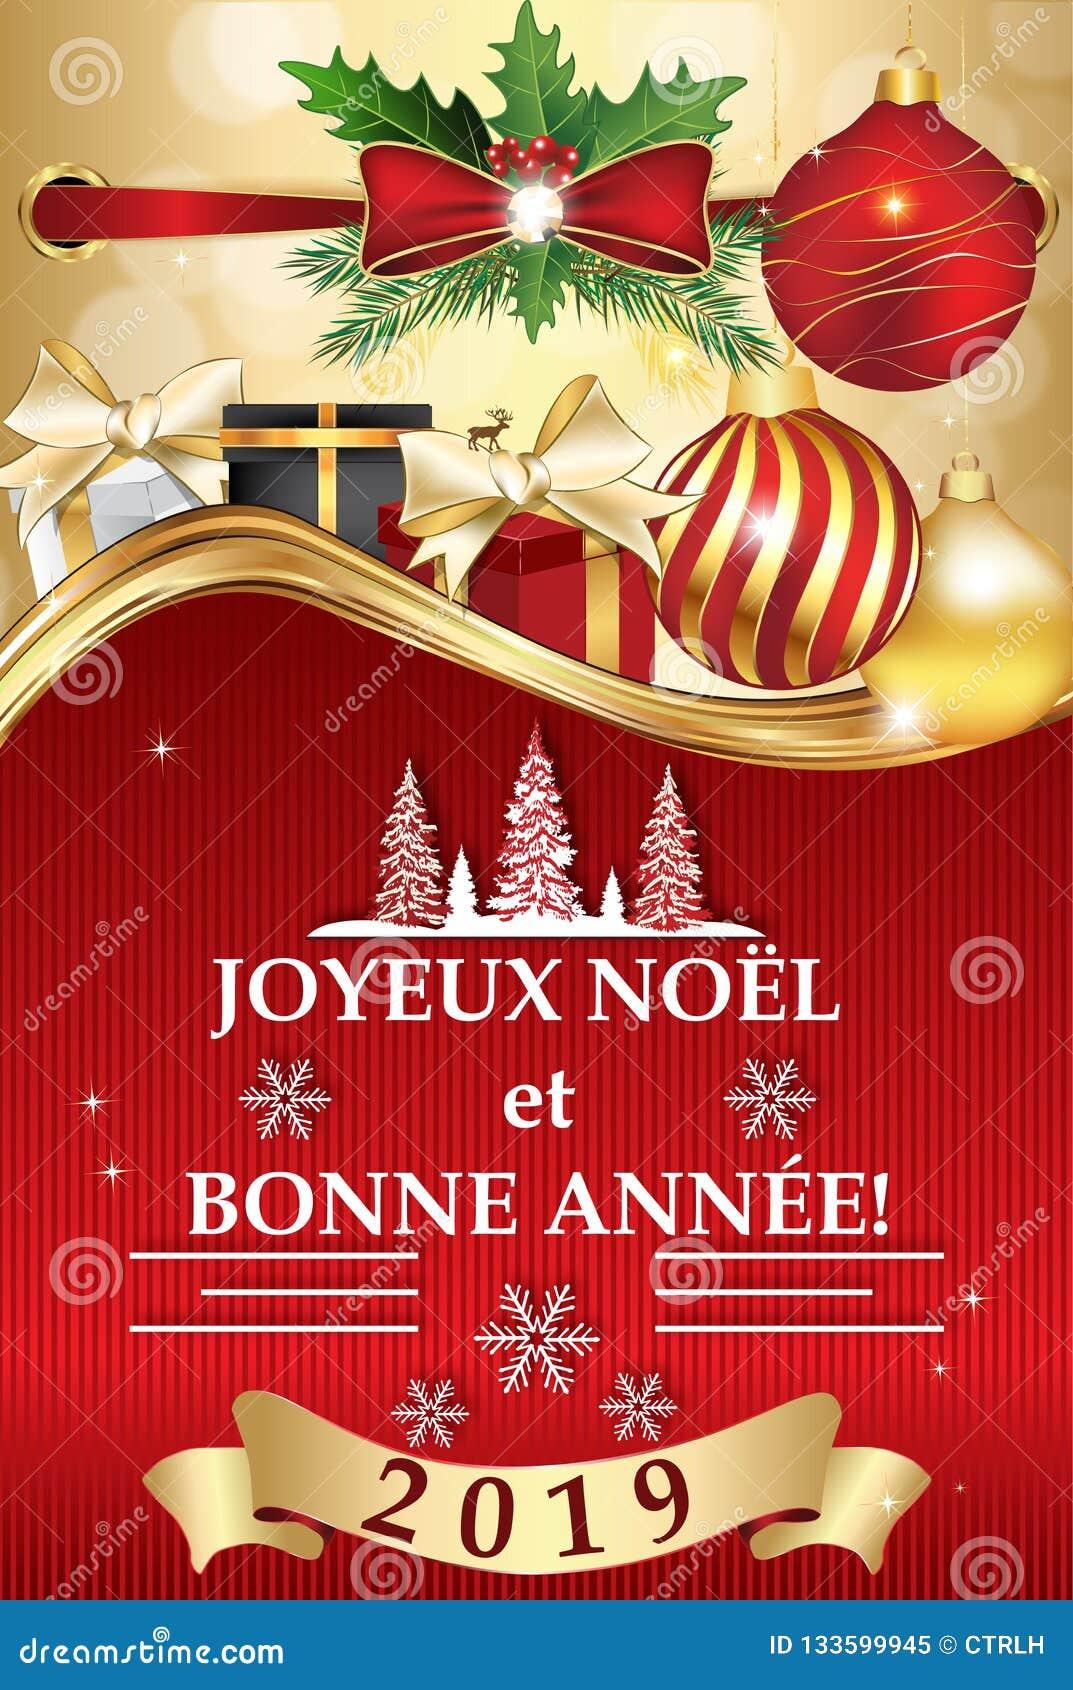 Auguri Di Buon Natale E Felice Anno Nuovo In Francese.Buon Natale E Buon Anno Cartolina D Auguri Francese